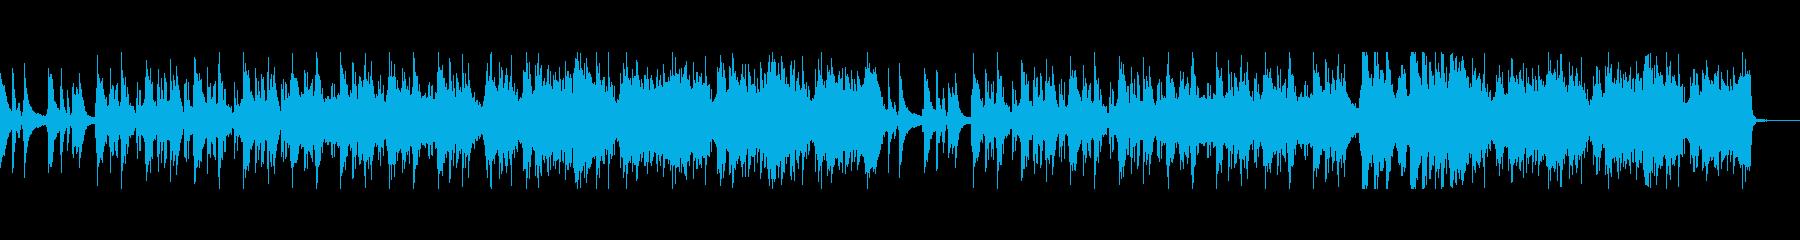 アニメ ジブリエンディング風ローファイ の再生済みの波形